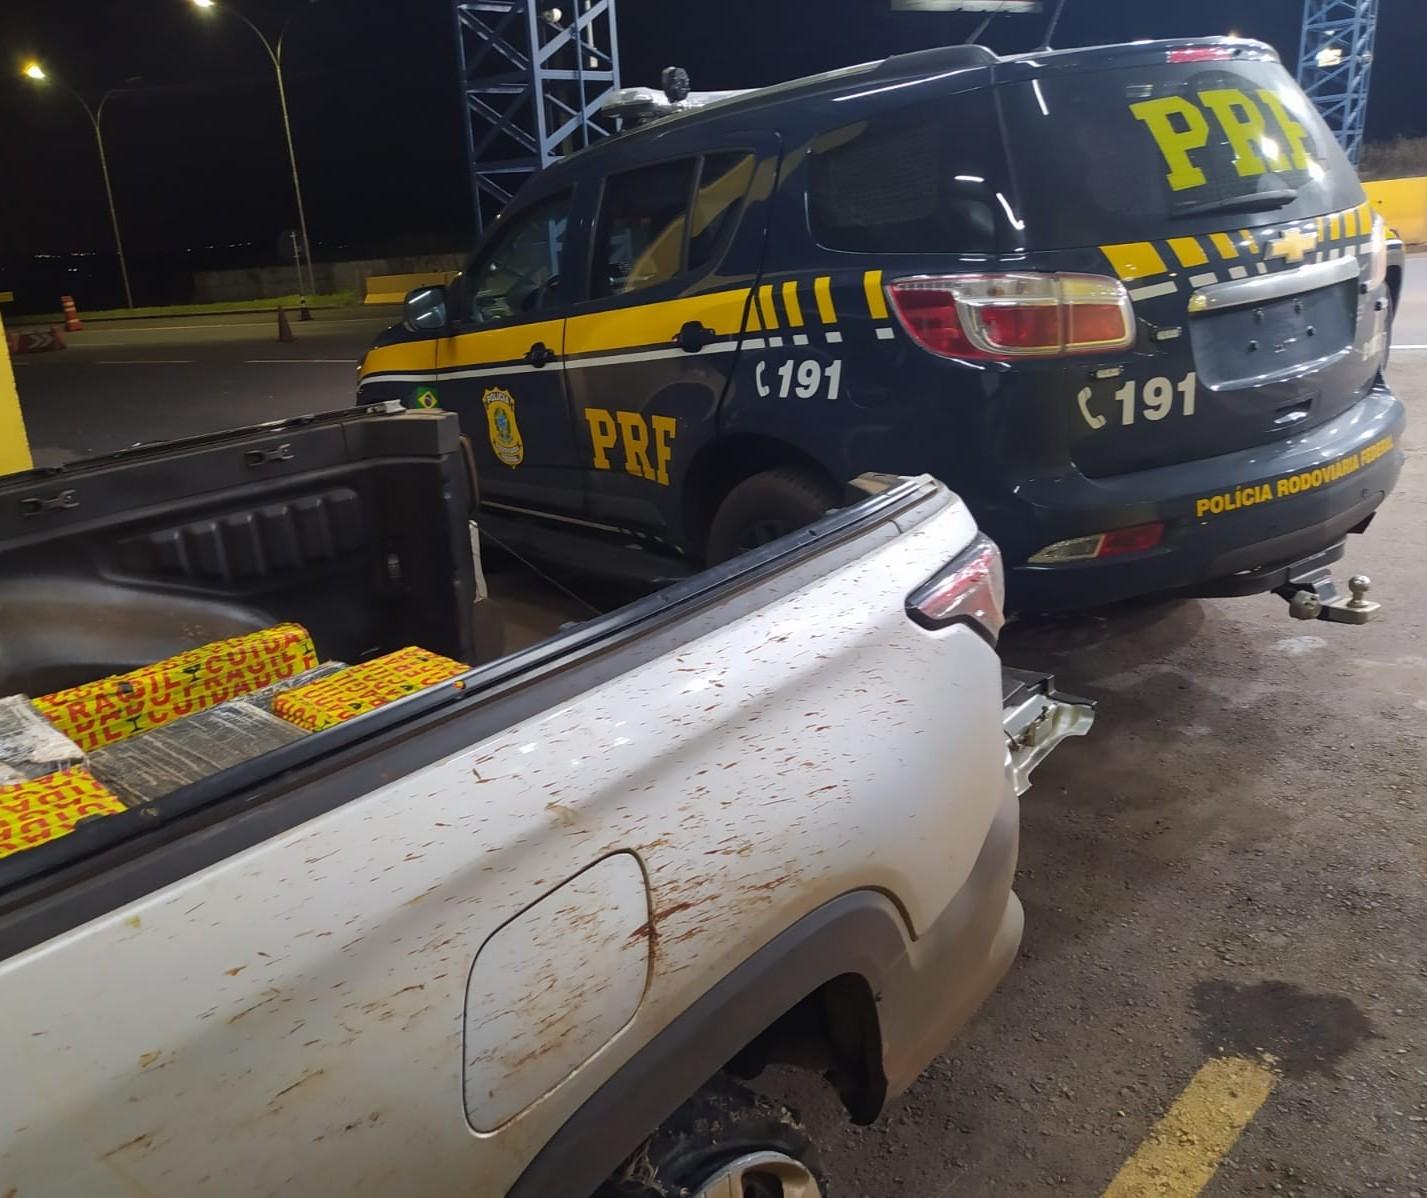 Motorista em caminhonete roubada e carregada com drogas tenta atropelar policial rodoviário federal